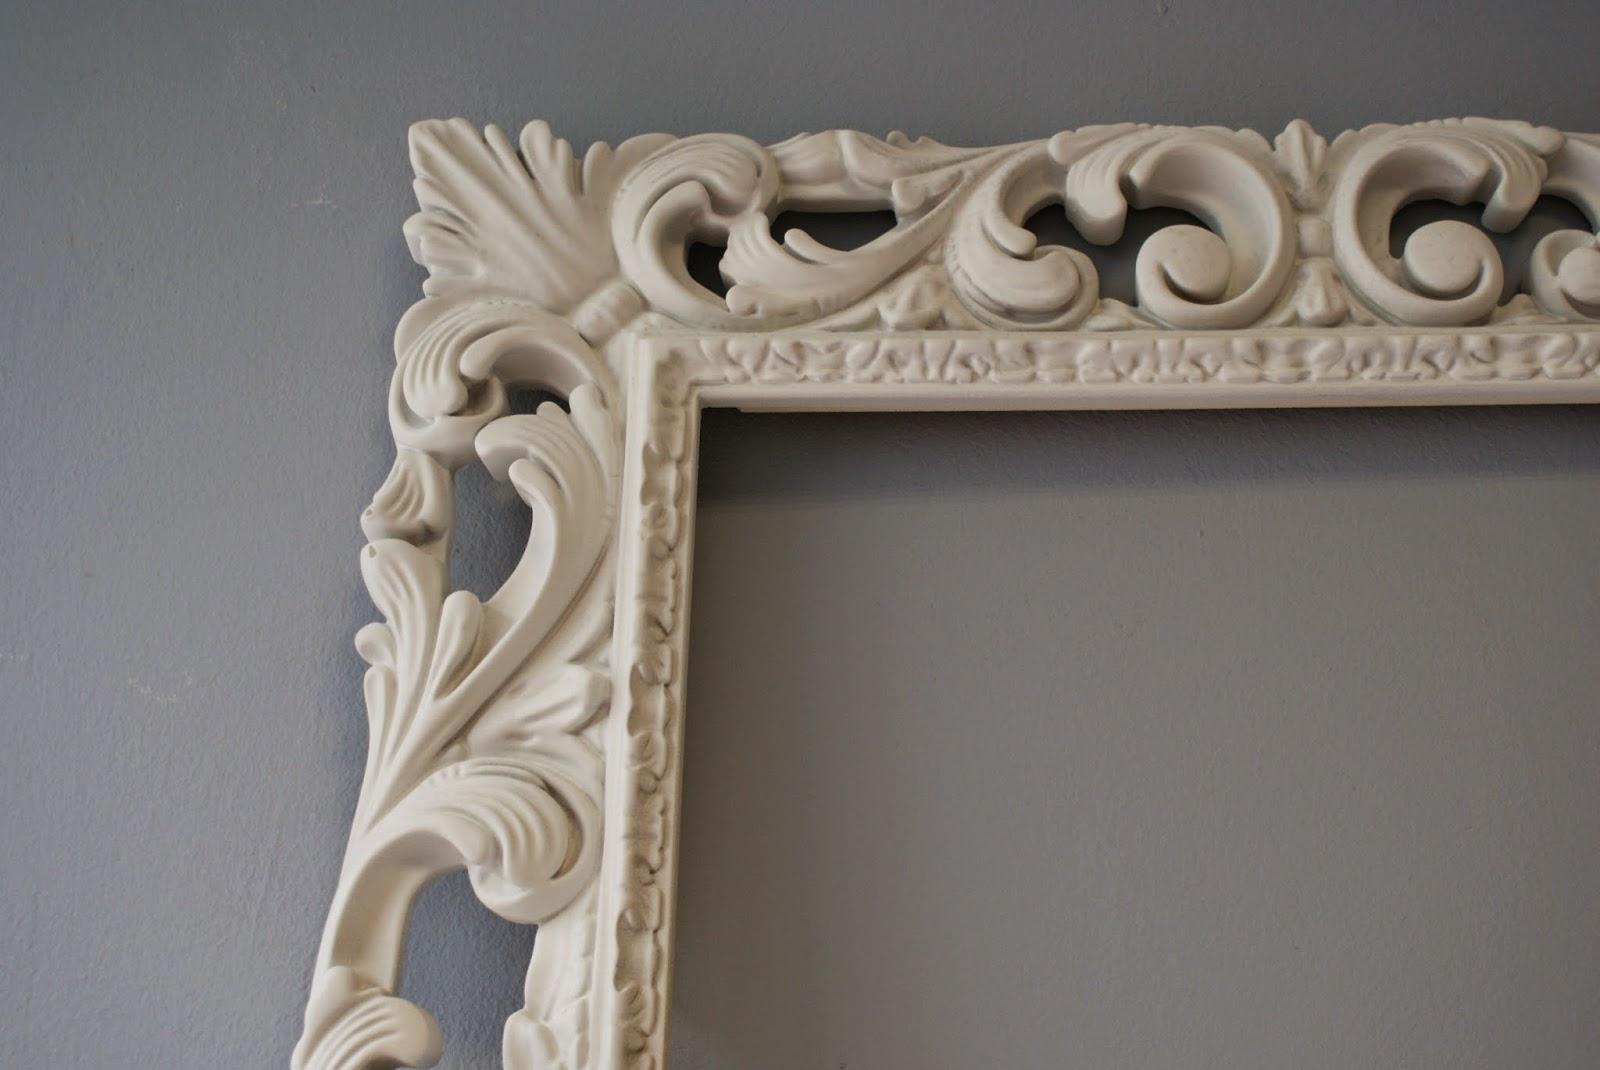 Specchiera in legno cornice barocca intagliata laccata bianca opaca 75x95 ebay - Specchio cornice nera barocca ...